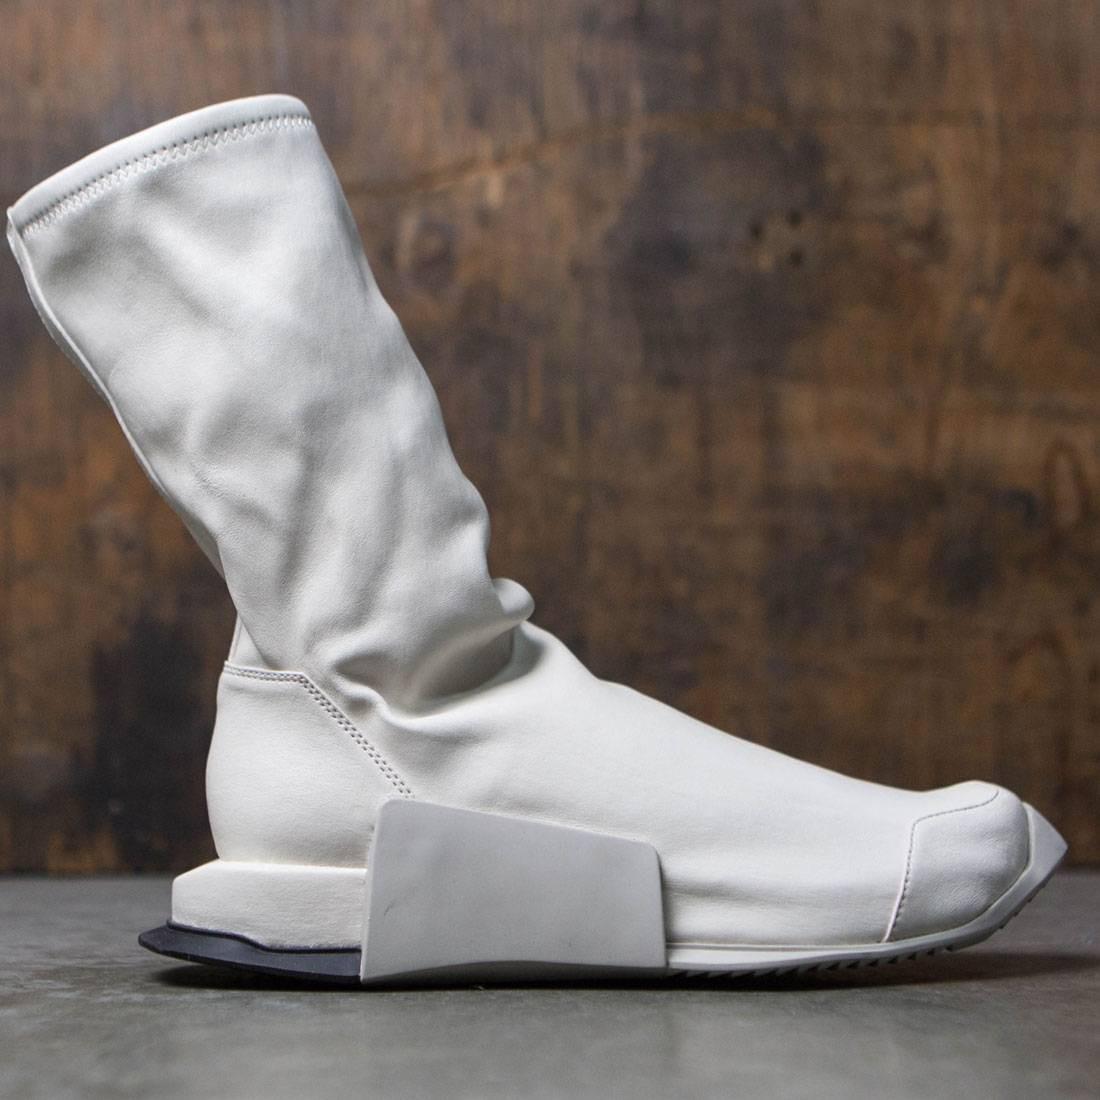 【海外限定】アディダス ハイ 白 ホワイト 靴 メンズ靴 【 ADIDAS WHITE X RICK OWENS MEN LEVEL RUNNER HIGH RO DINGE BLACK 】